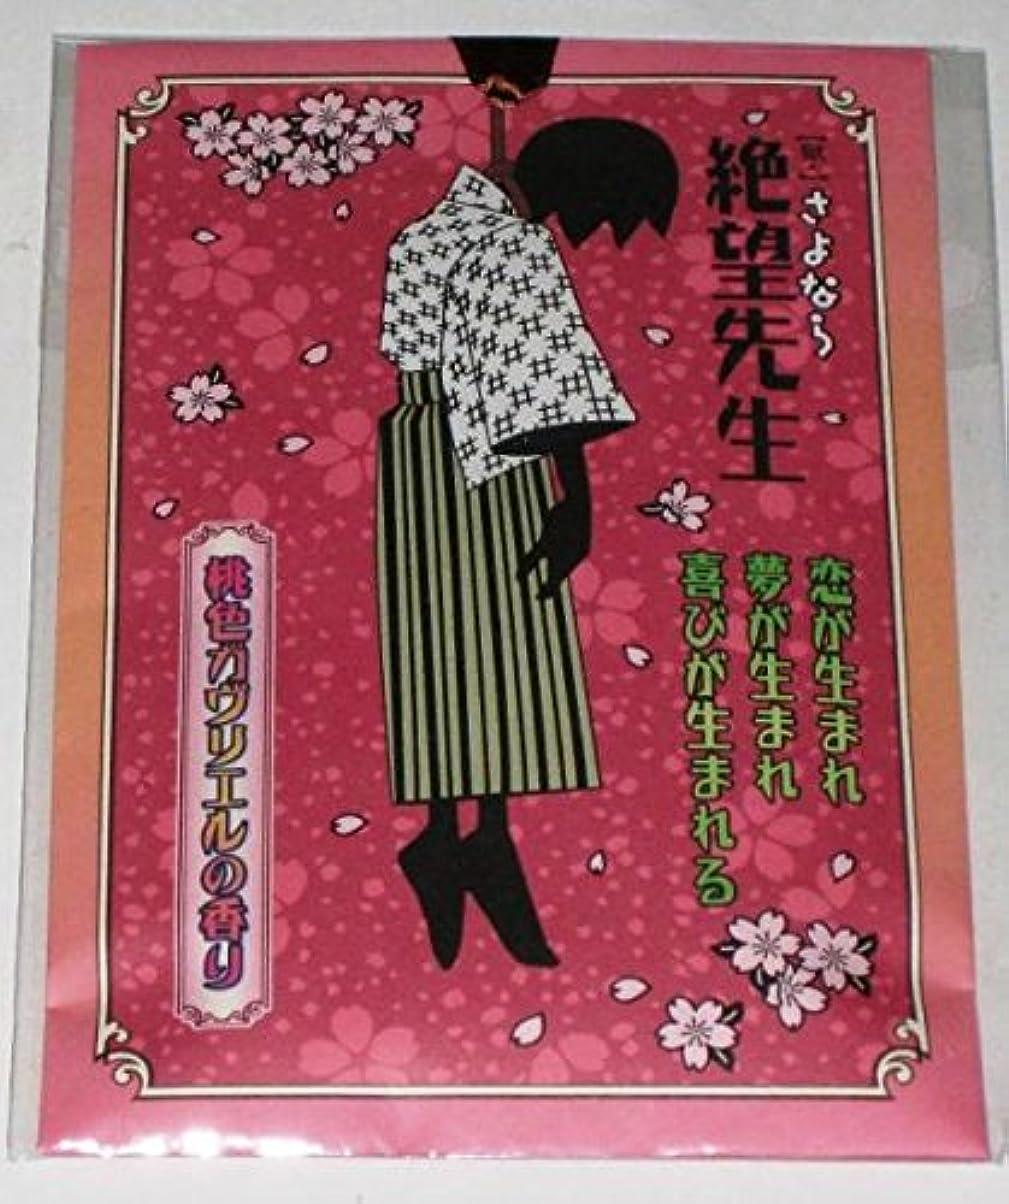 潤滑するナチュラルプール久米田康治「獄?さよなら絶望先生」香り袋/桃色ガヴリエルの香